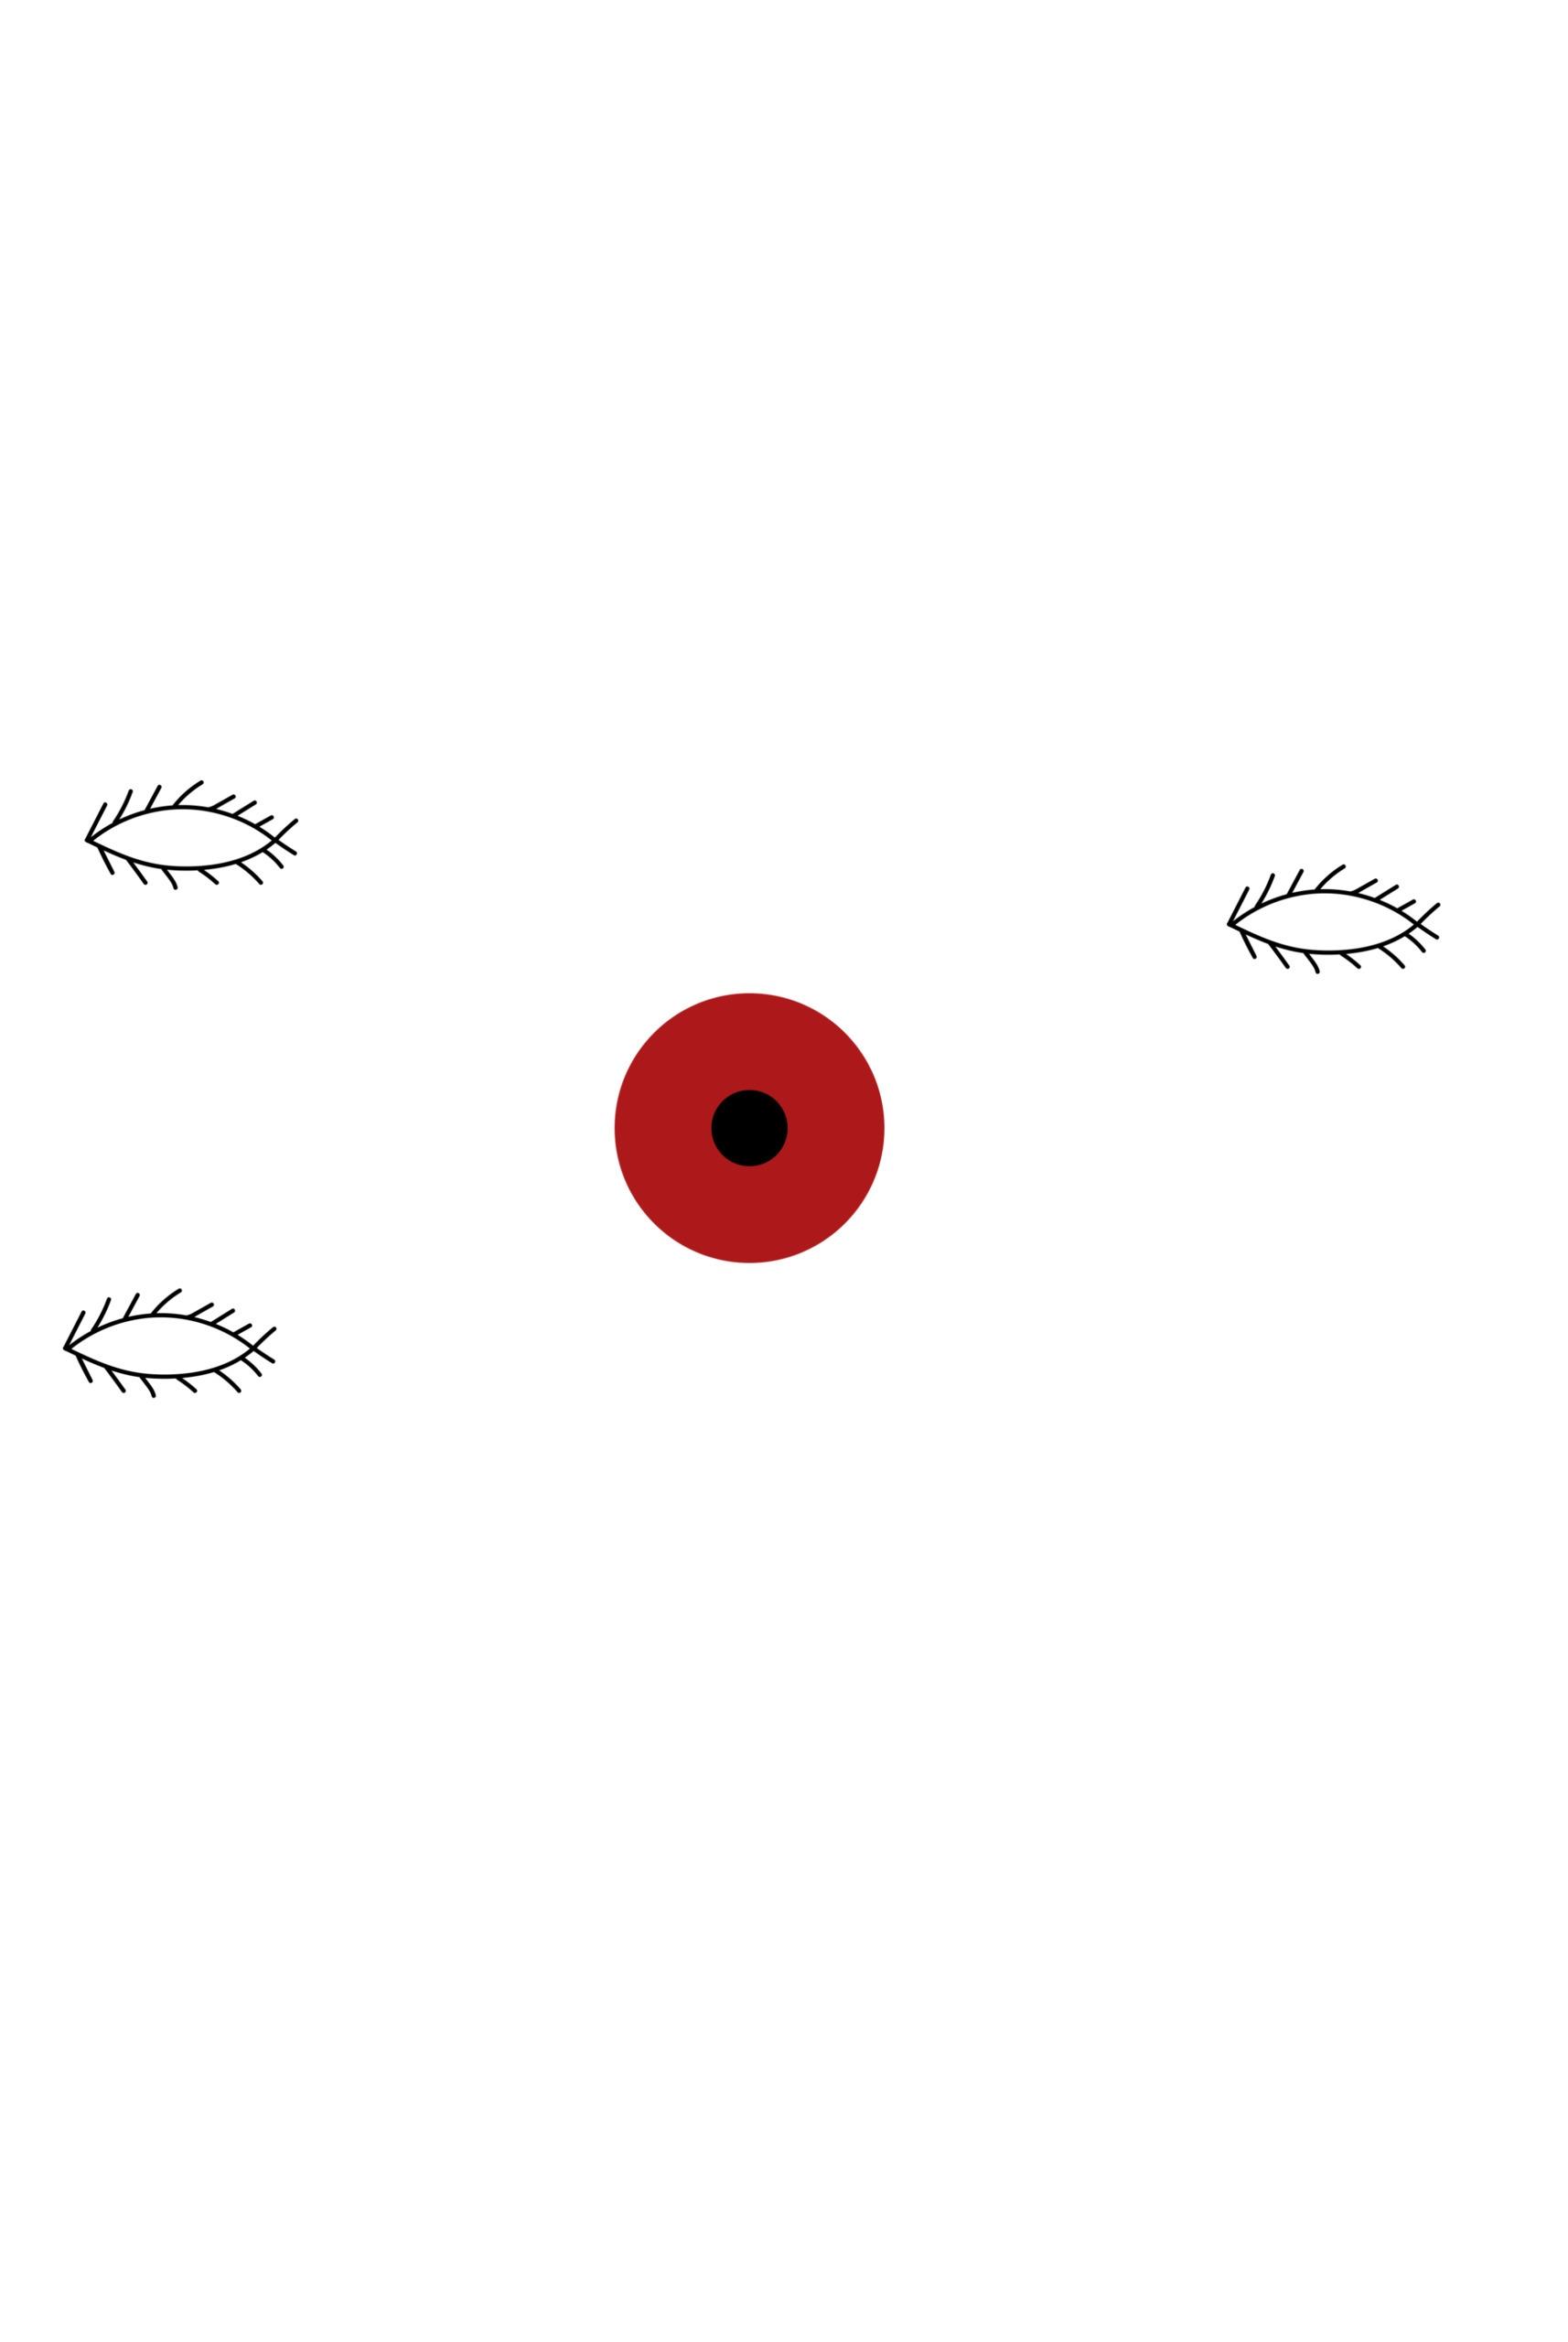 Obrazek przedstawia czerwone koło z czarnym kołem wewnątrz, oraz trzy niezidentyfikowane kształty obok kół.